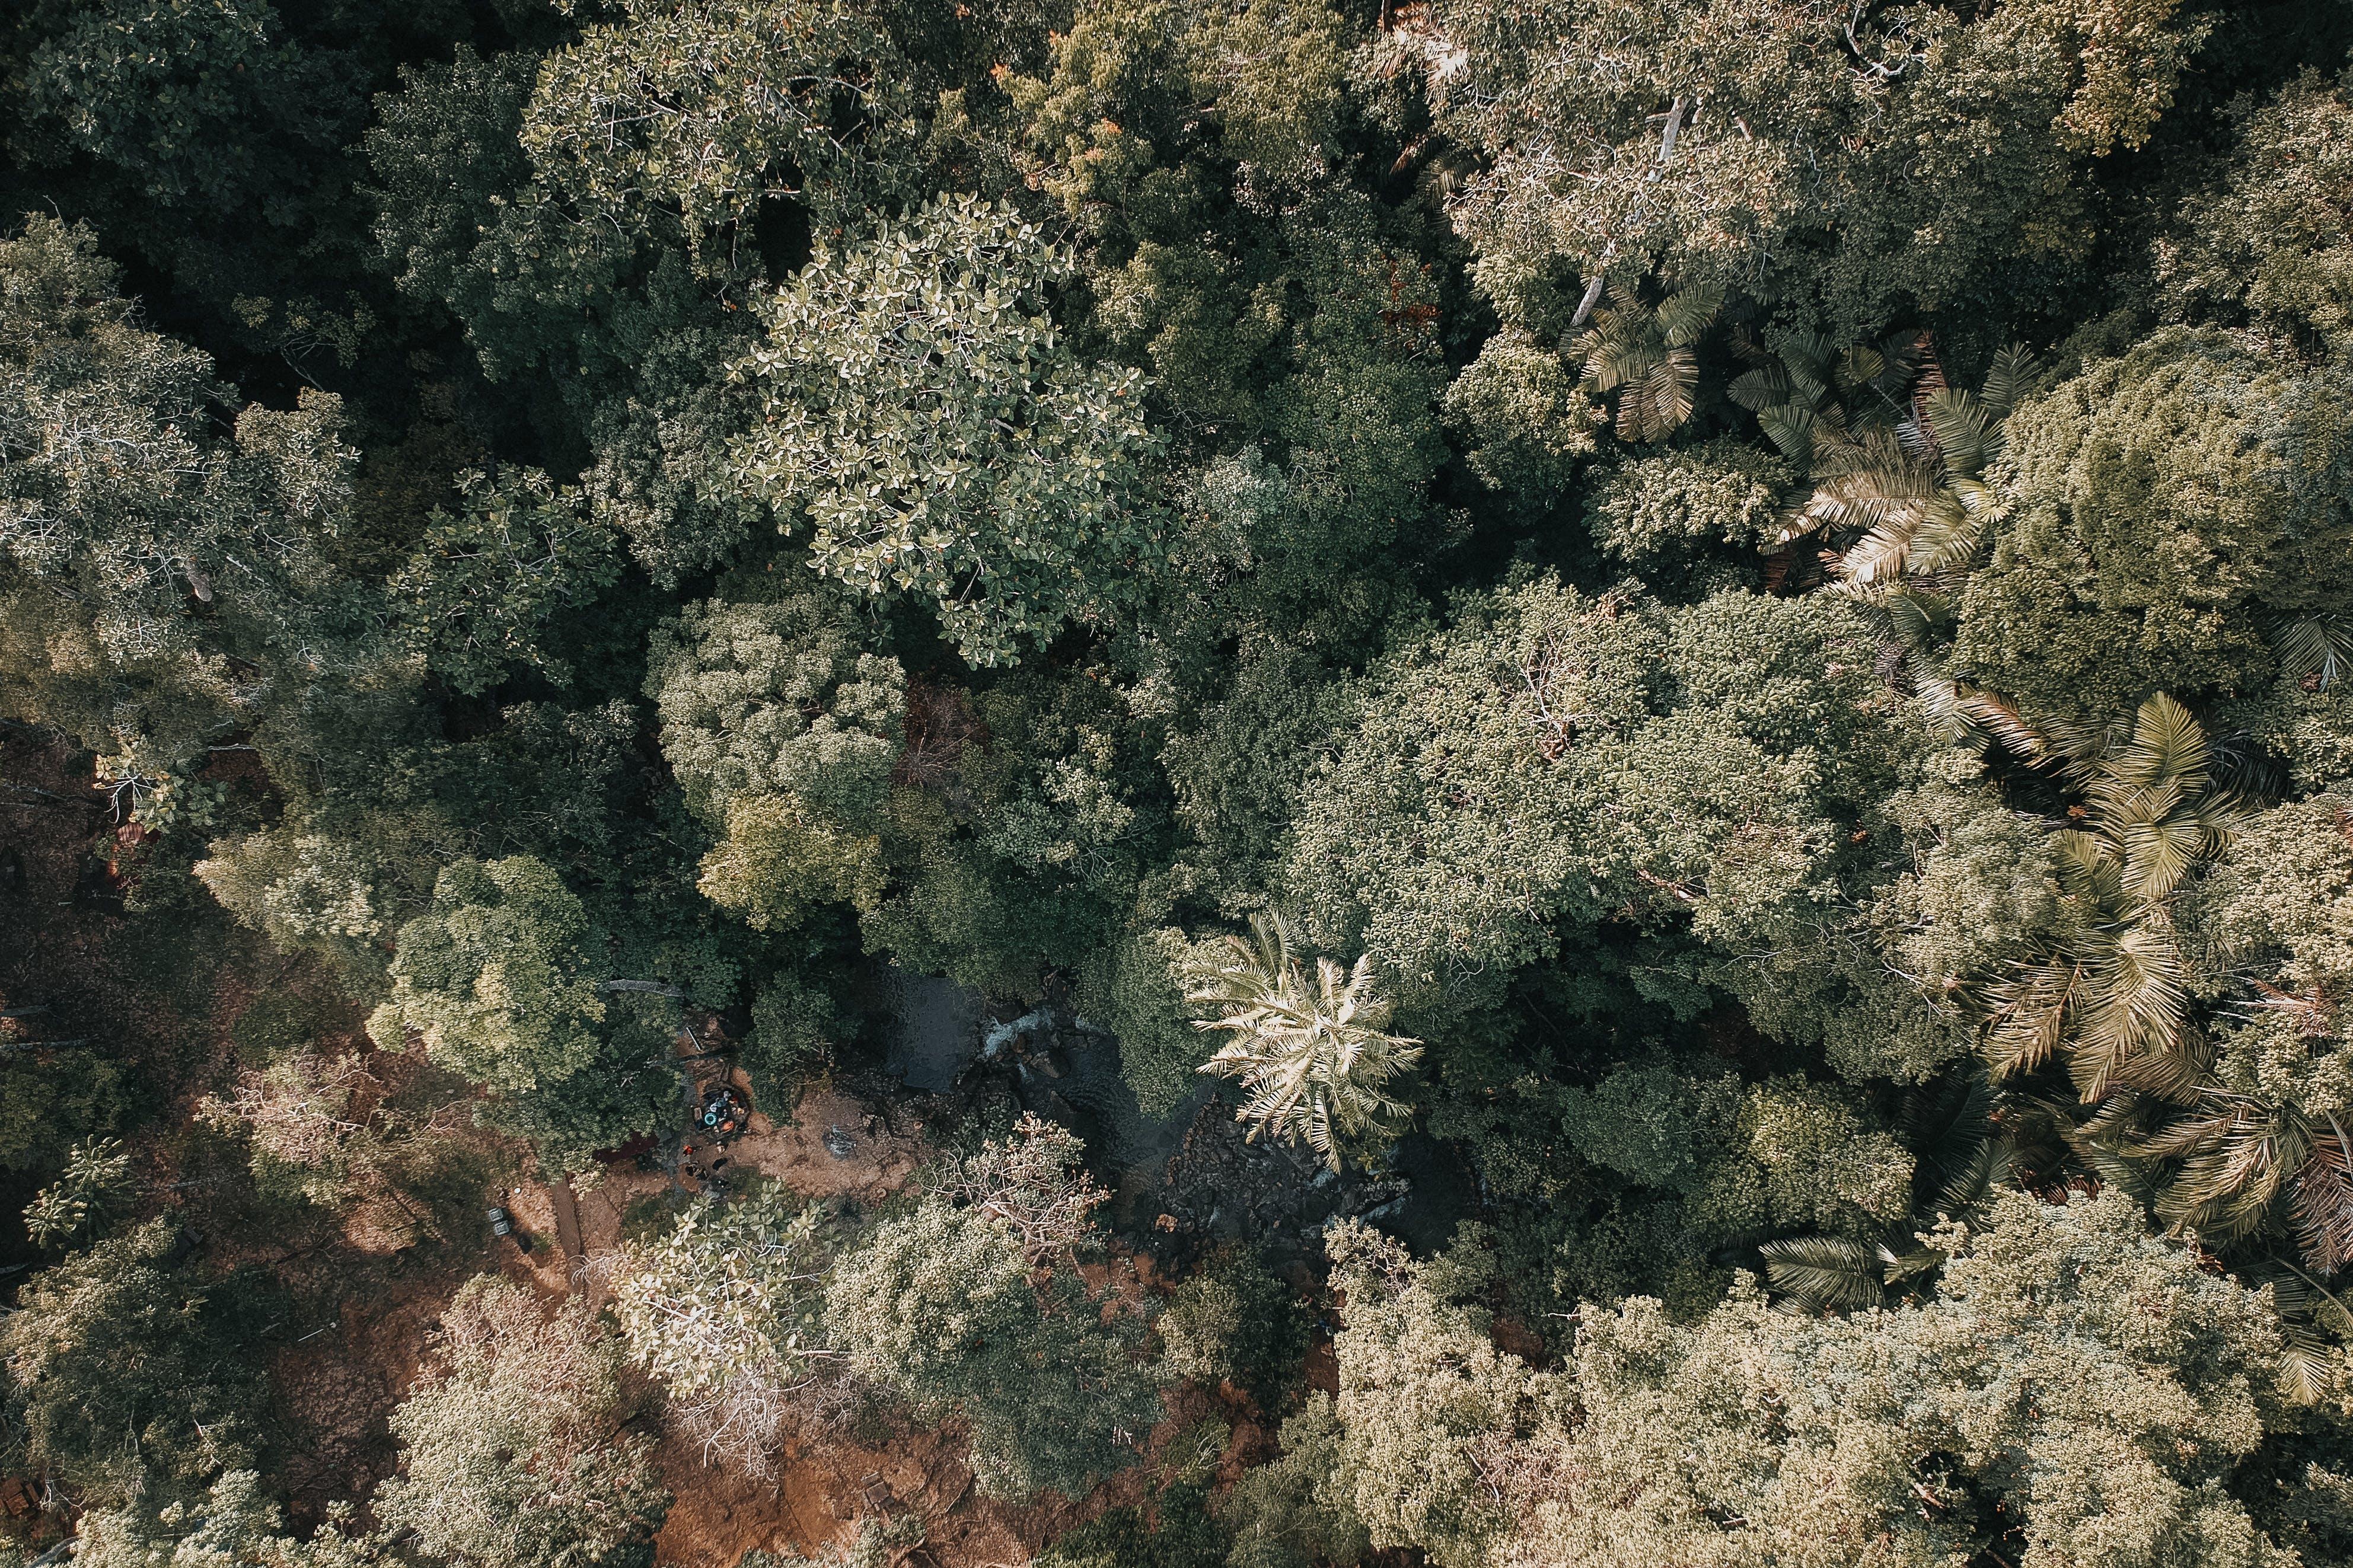 Gratis lagerfoto af fra oven, fugleperspektiv, miljø, skov